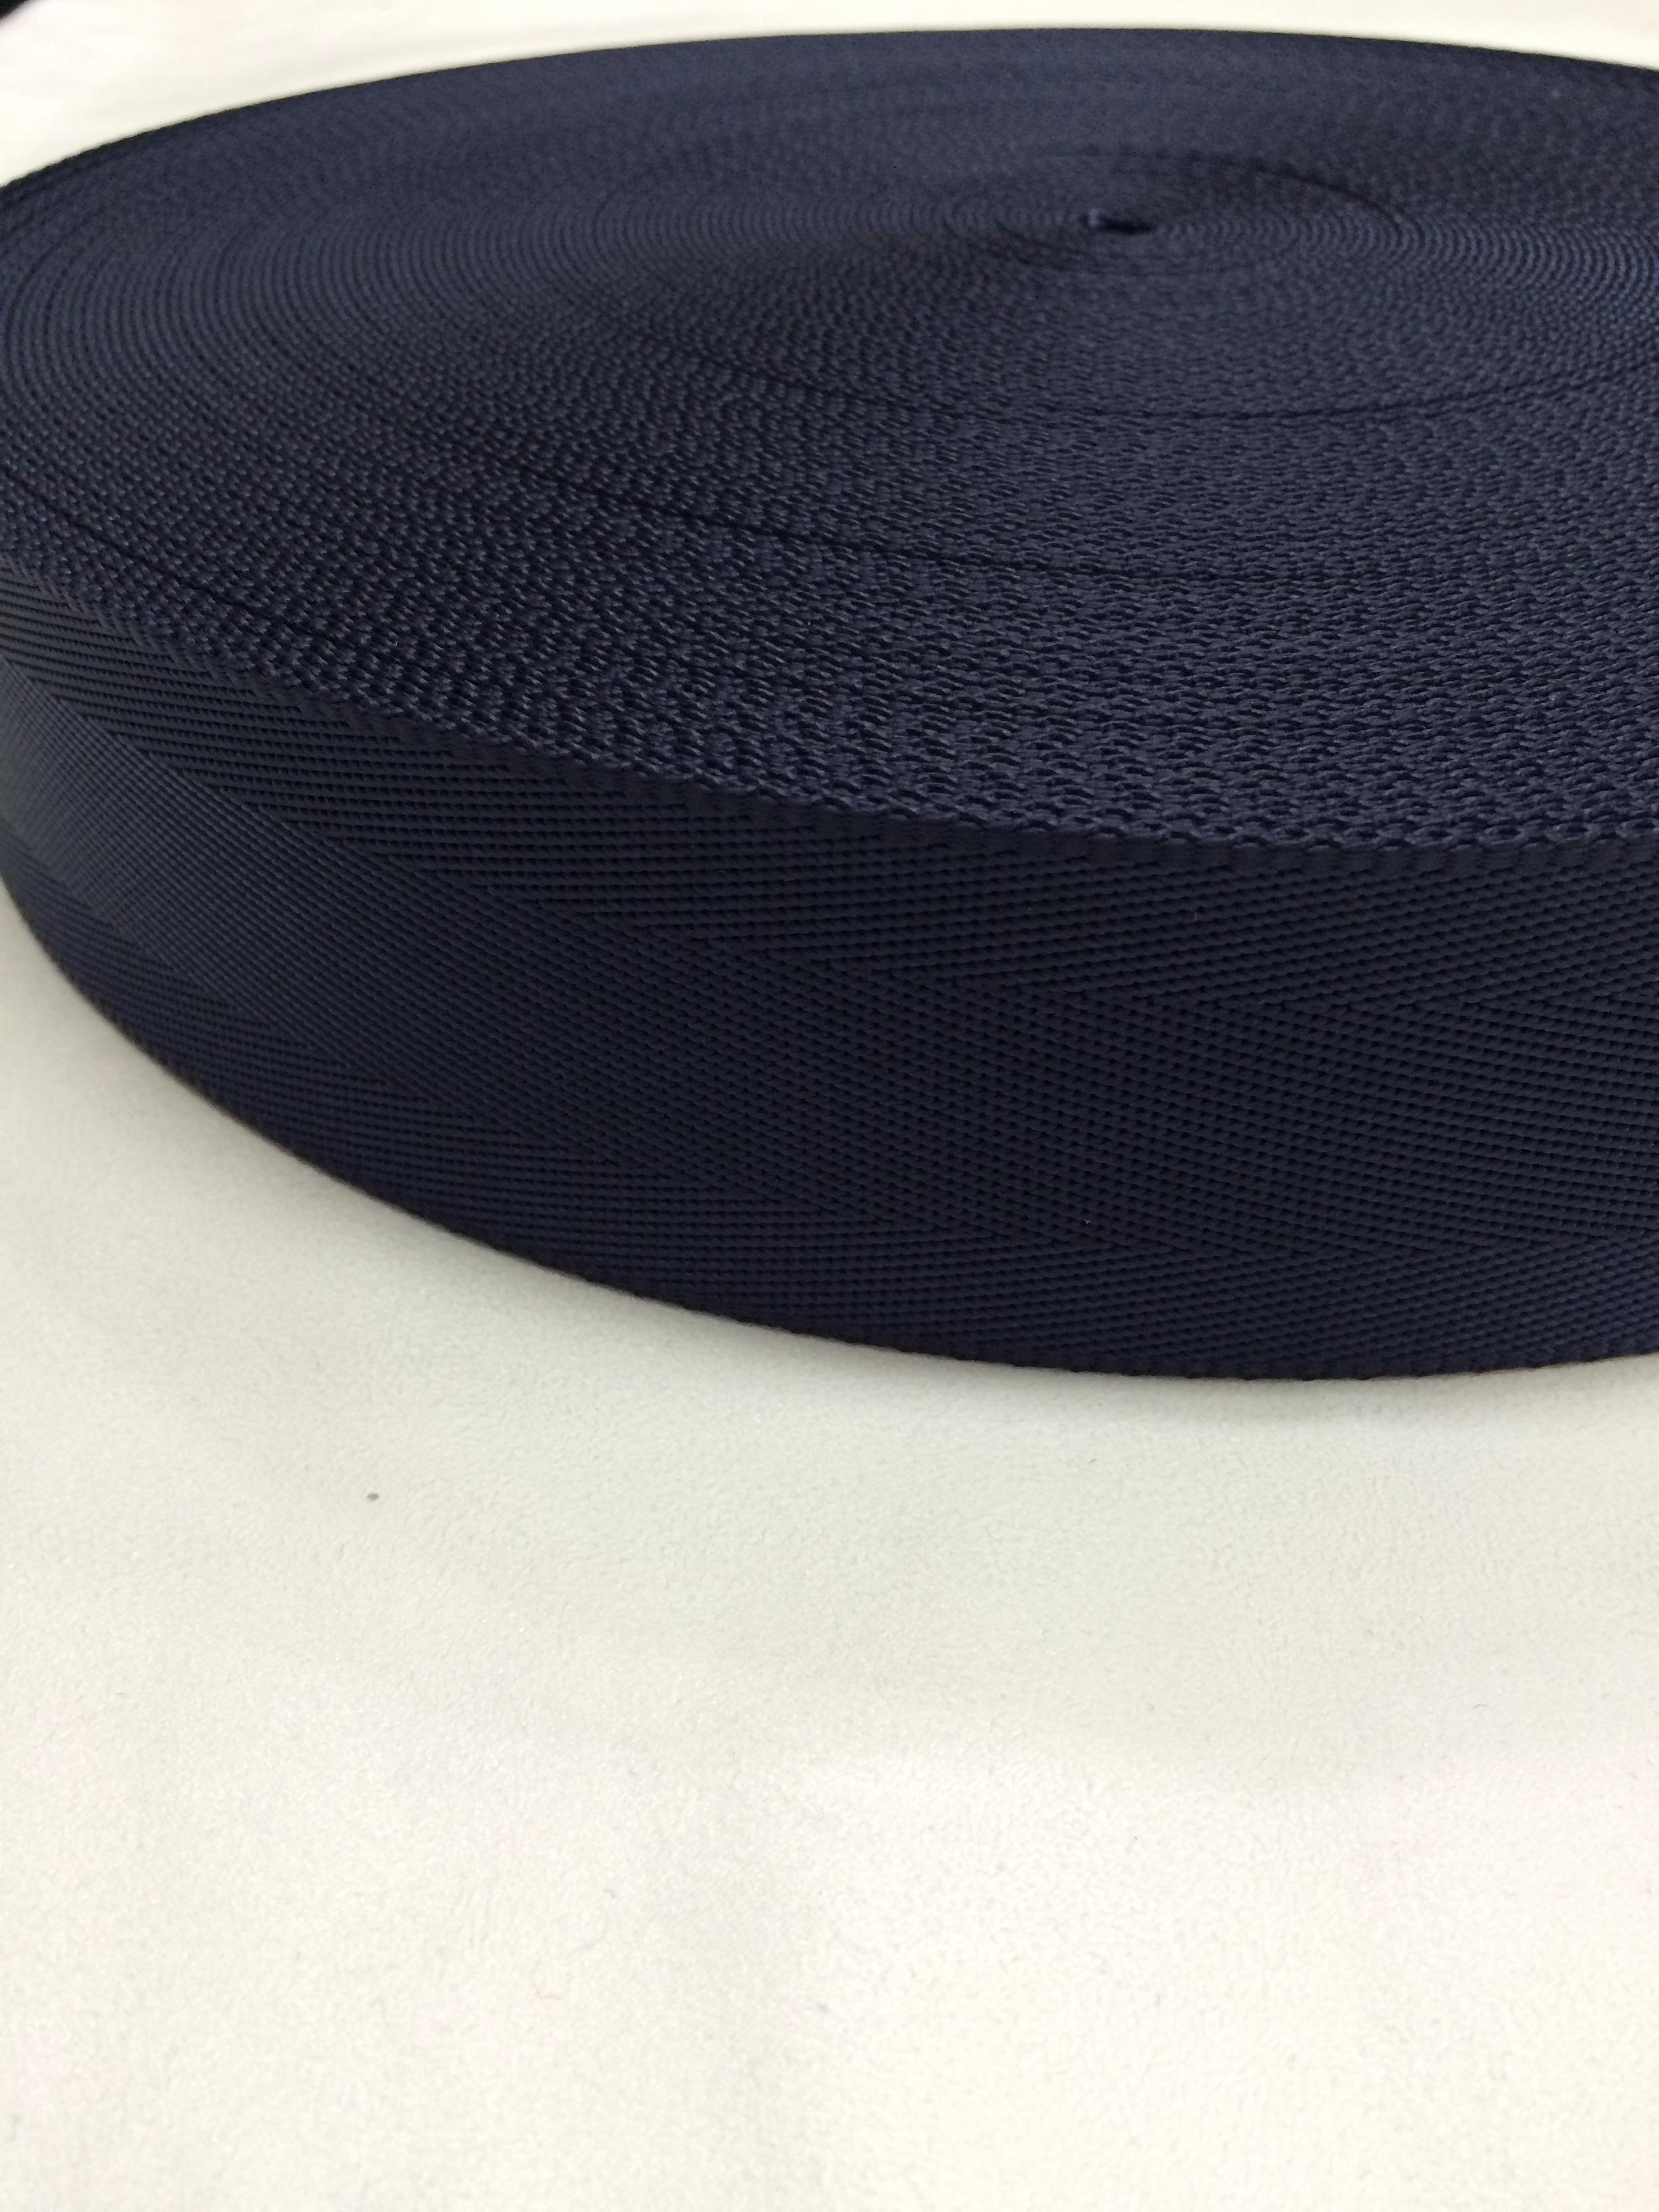 ナイロンシート織  50mm幅 1.3mm厚 カラー(黒以外) 1m単位